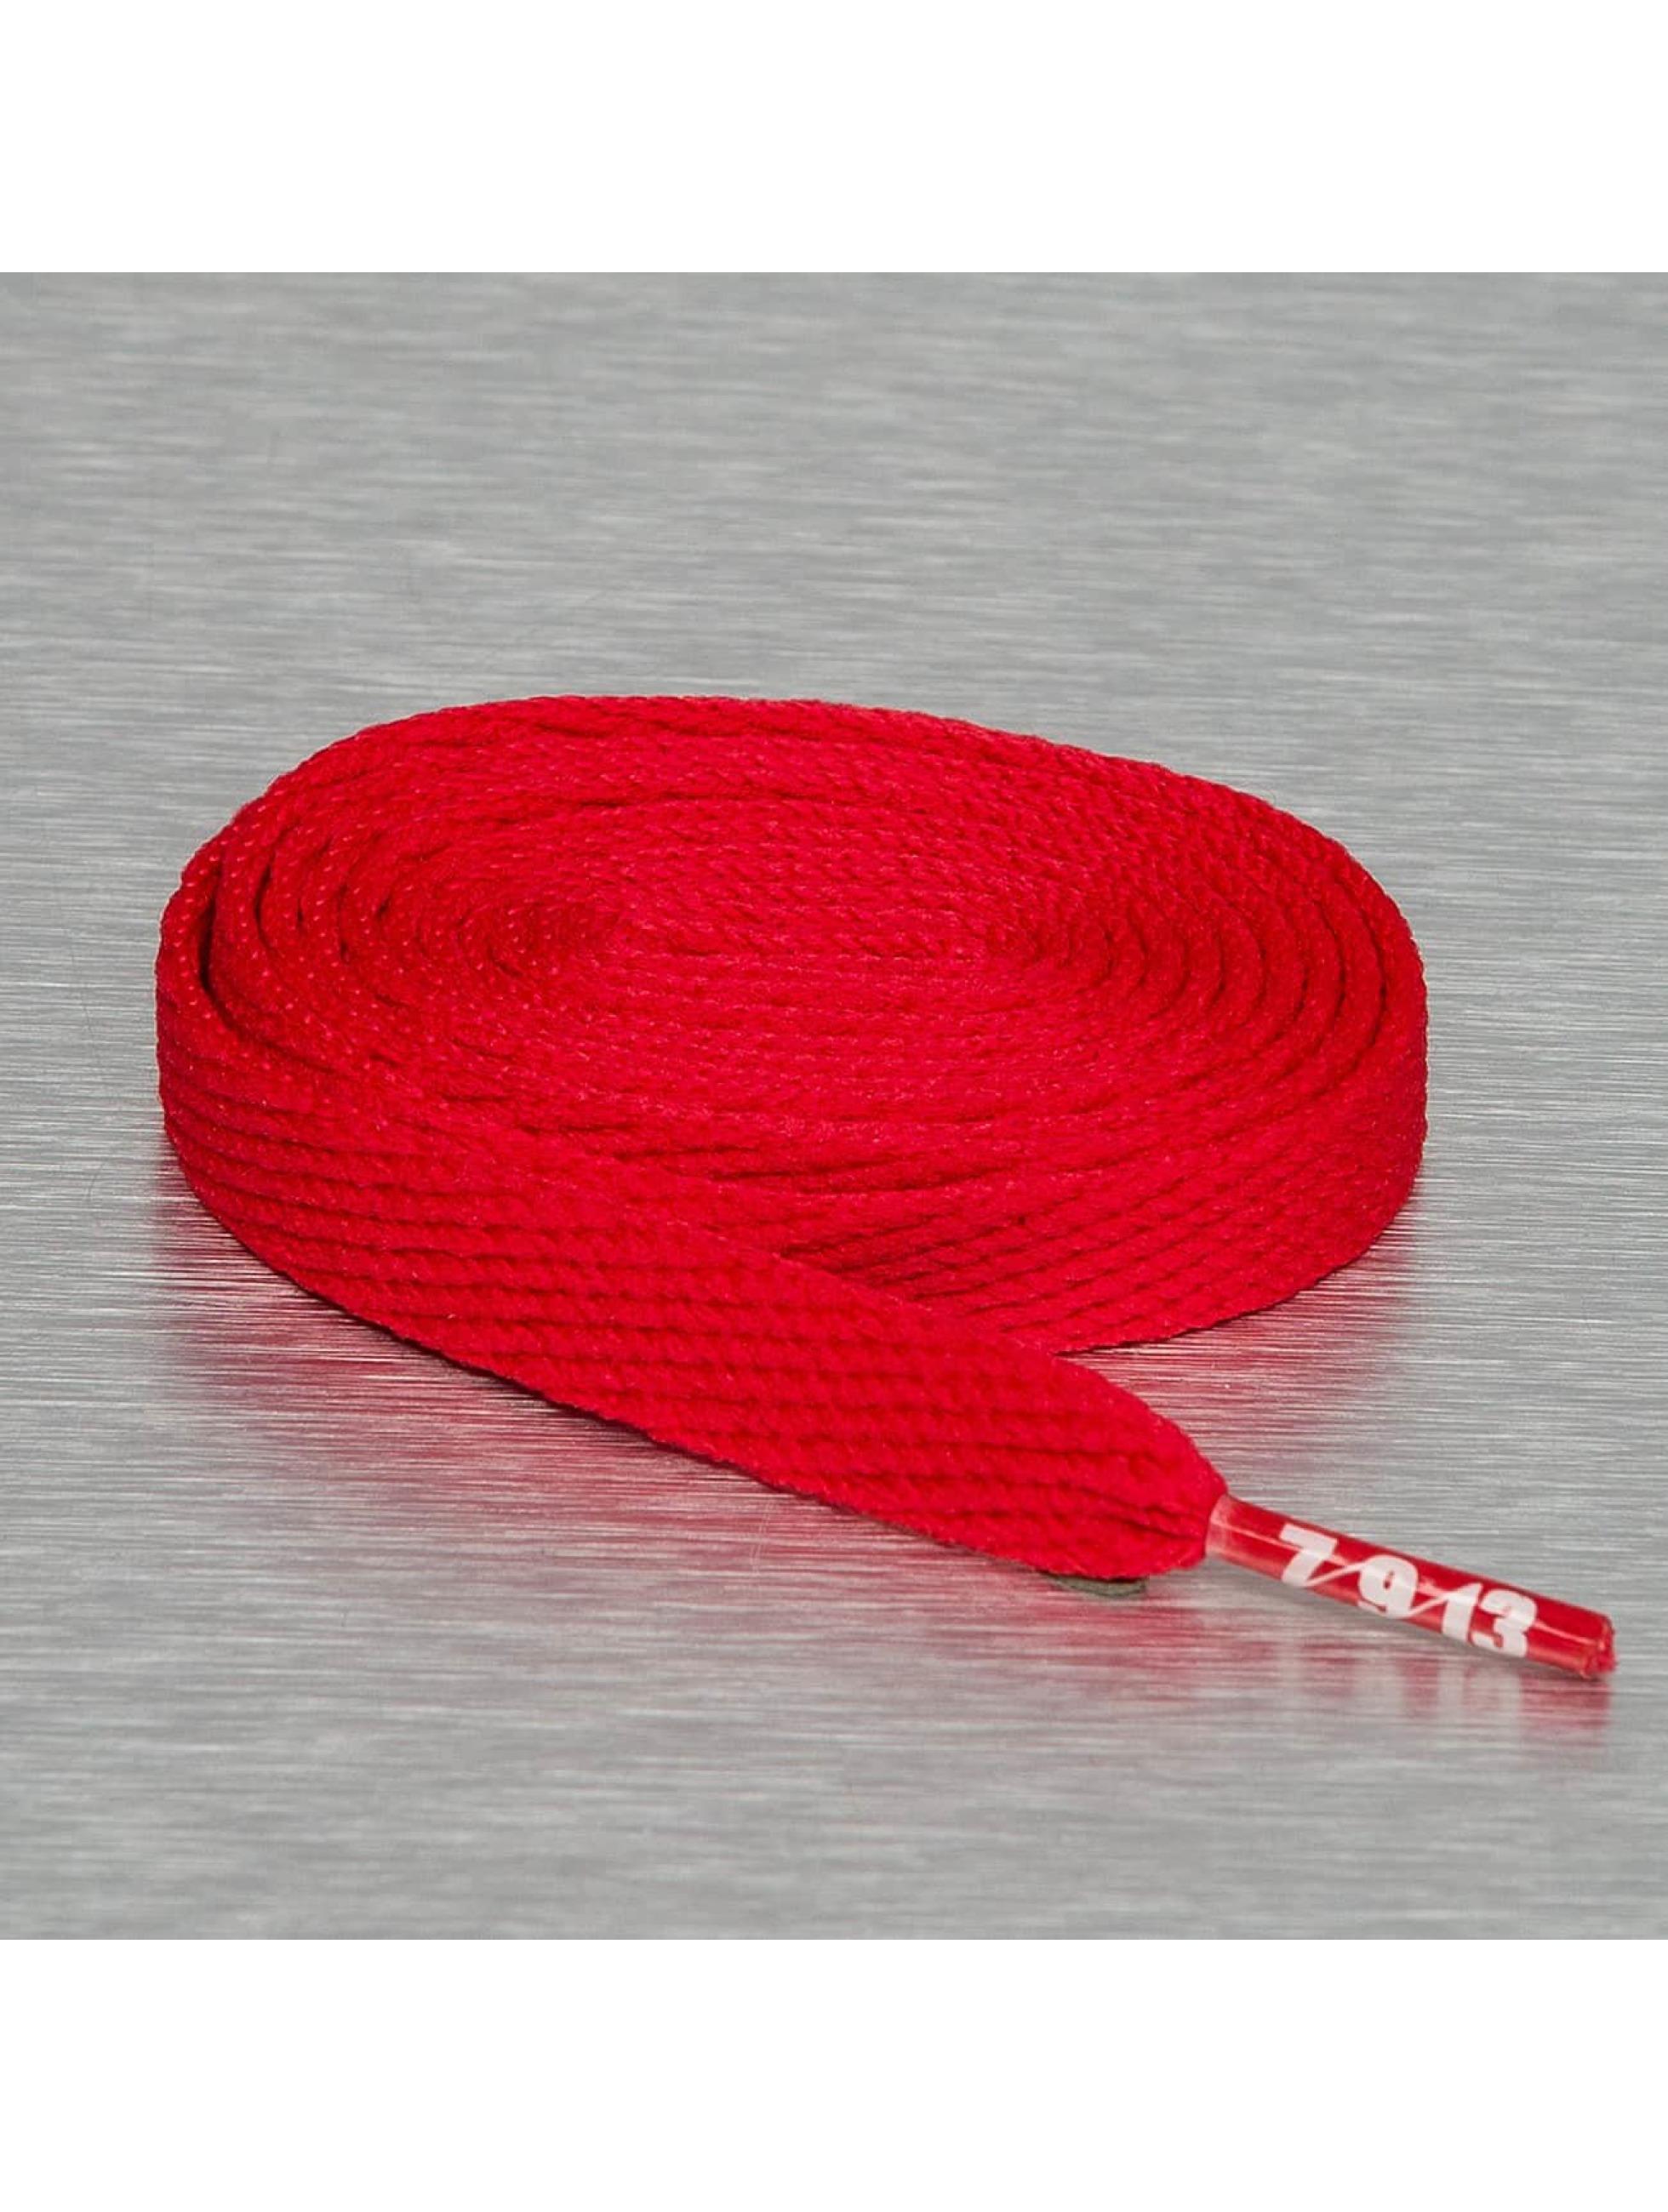 Seven Nine 13 Skotilbehør Hard Candy Flat red